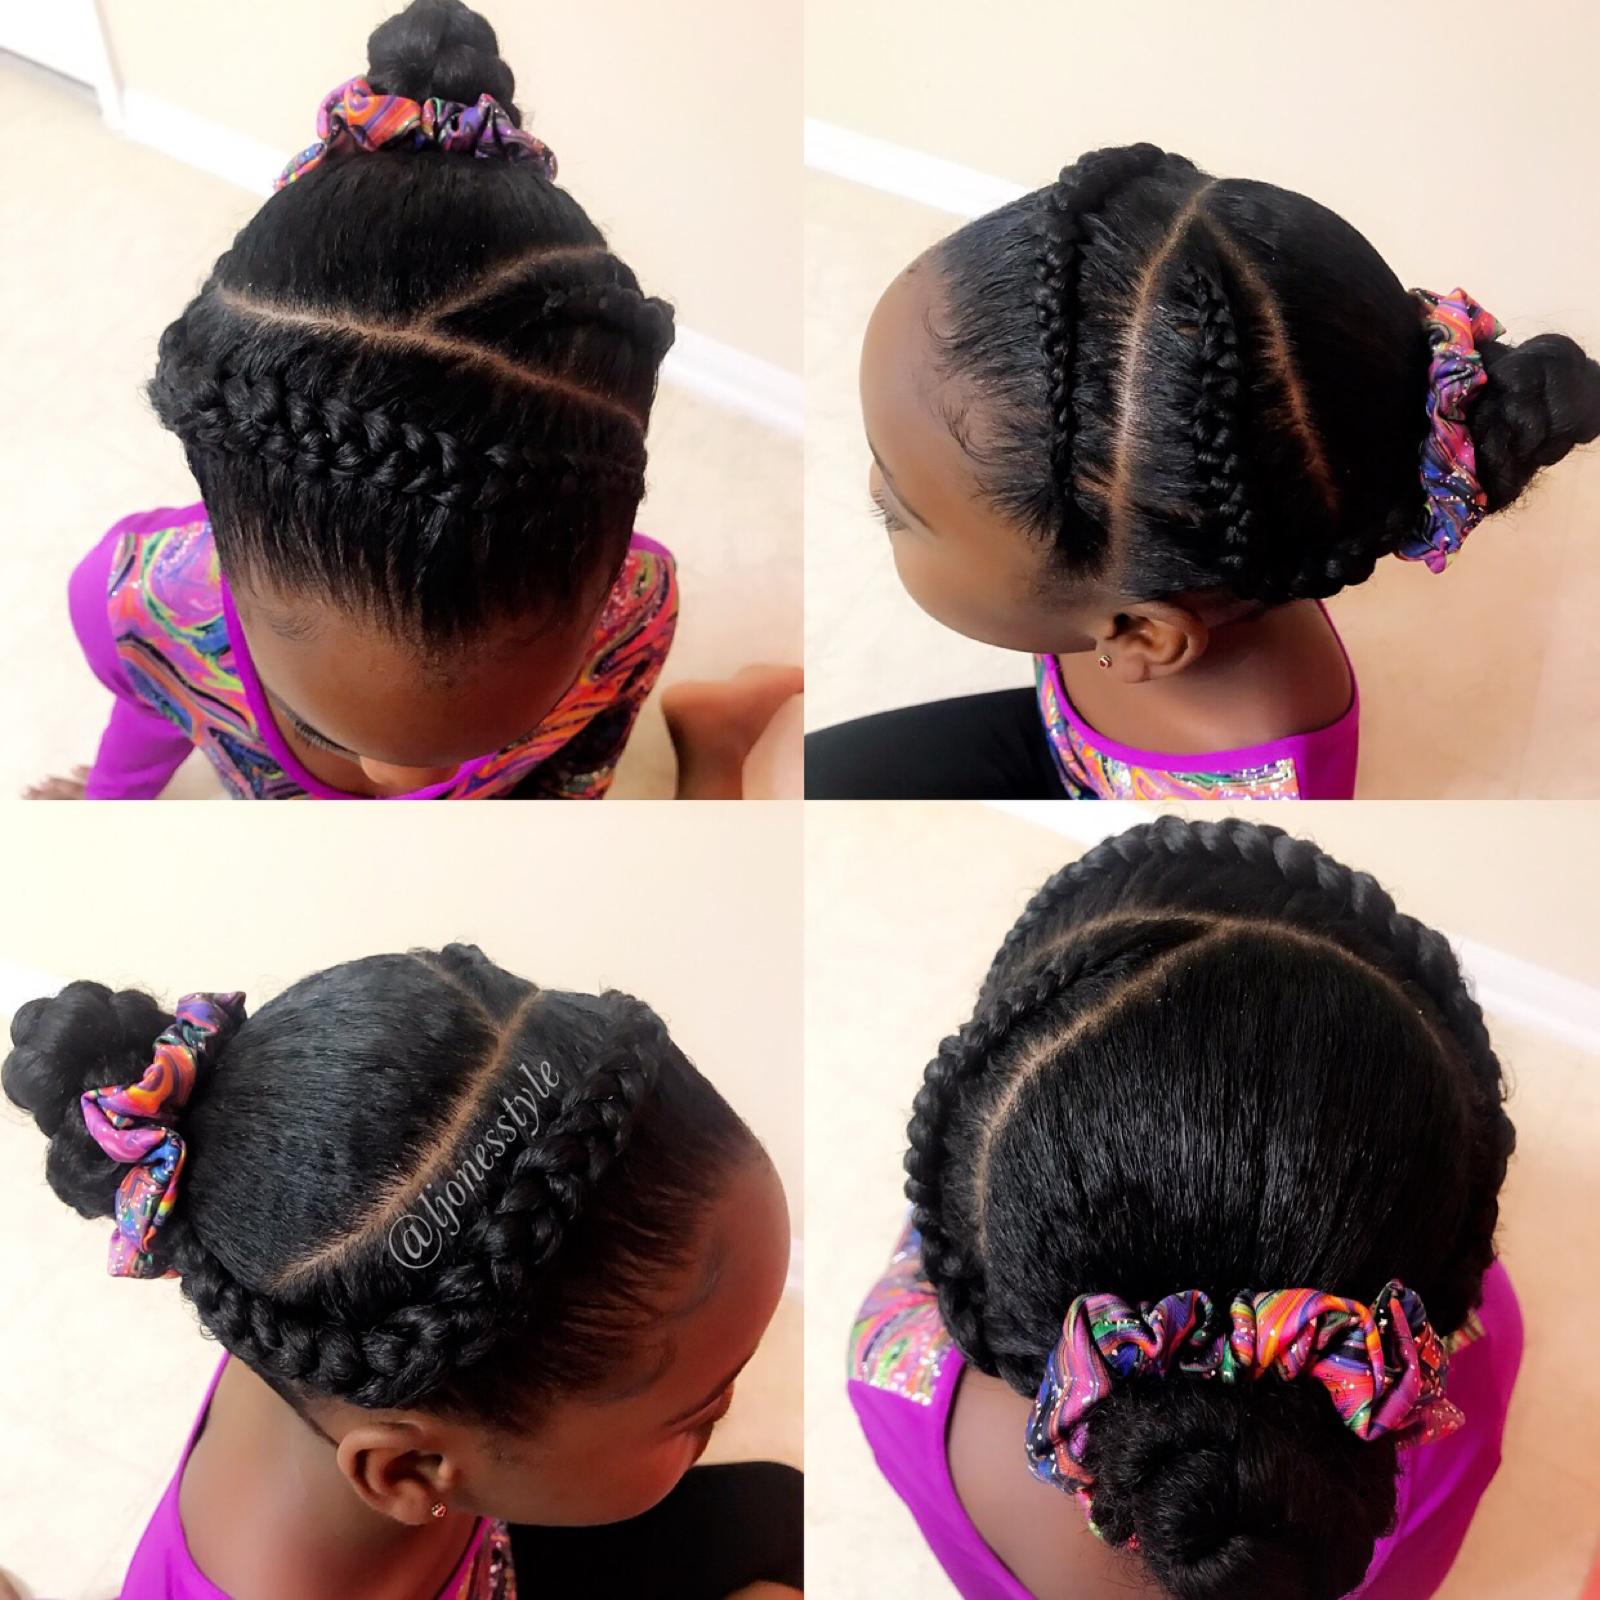 Black Girls Gymnastics Hair Blackgirlsrock Naturalhairstyles Gymnast Gymnasticshair Ljonesstyle Gymnastics Hair Competition Hair Girls Natural Hairstyles